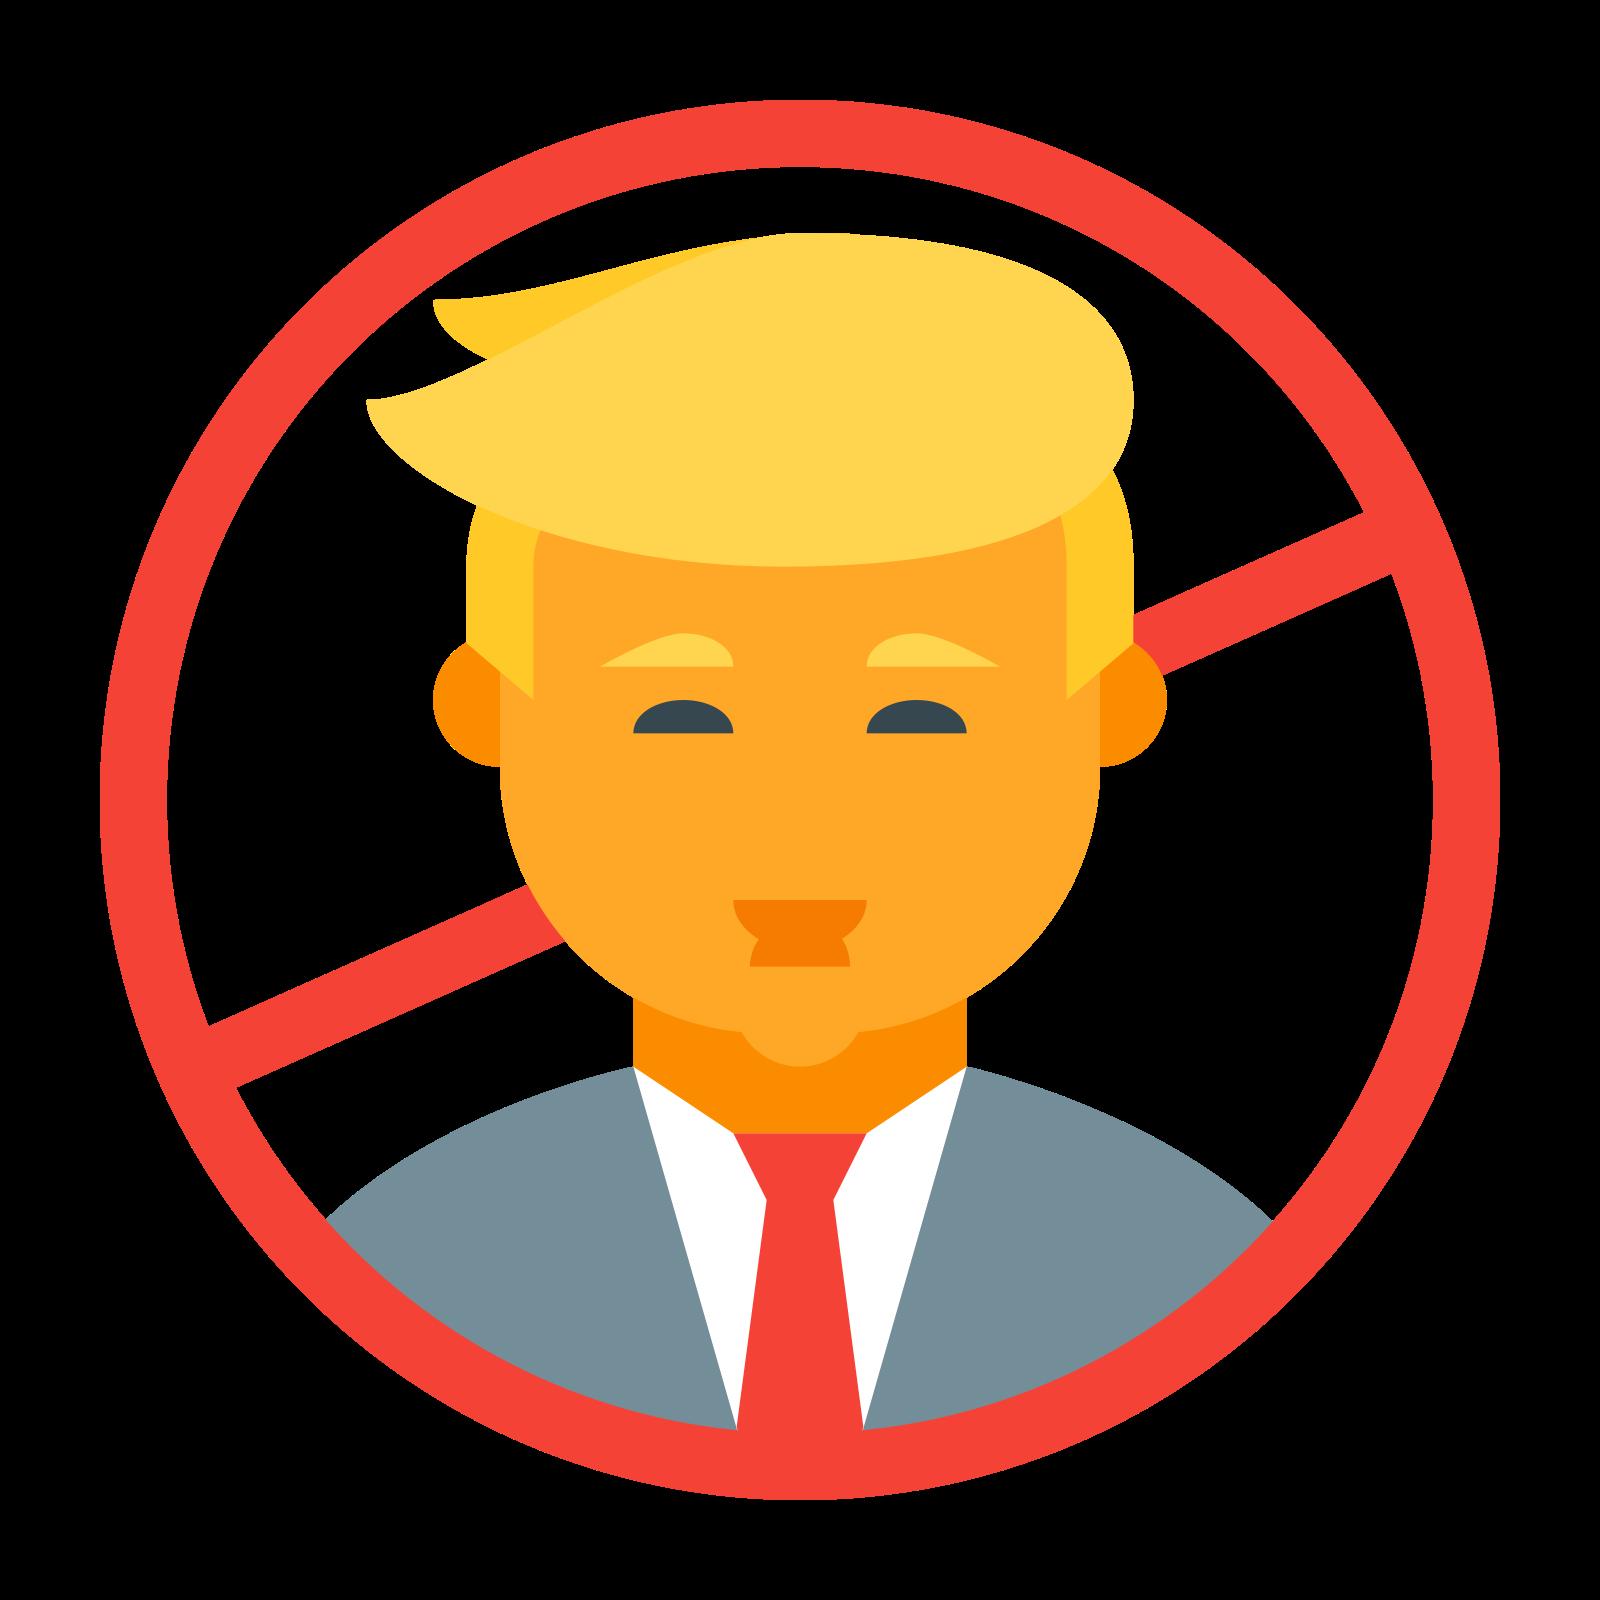 Anty-Trump icon